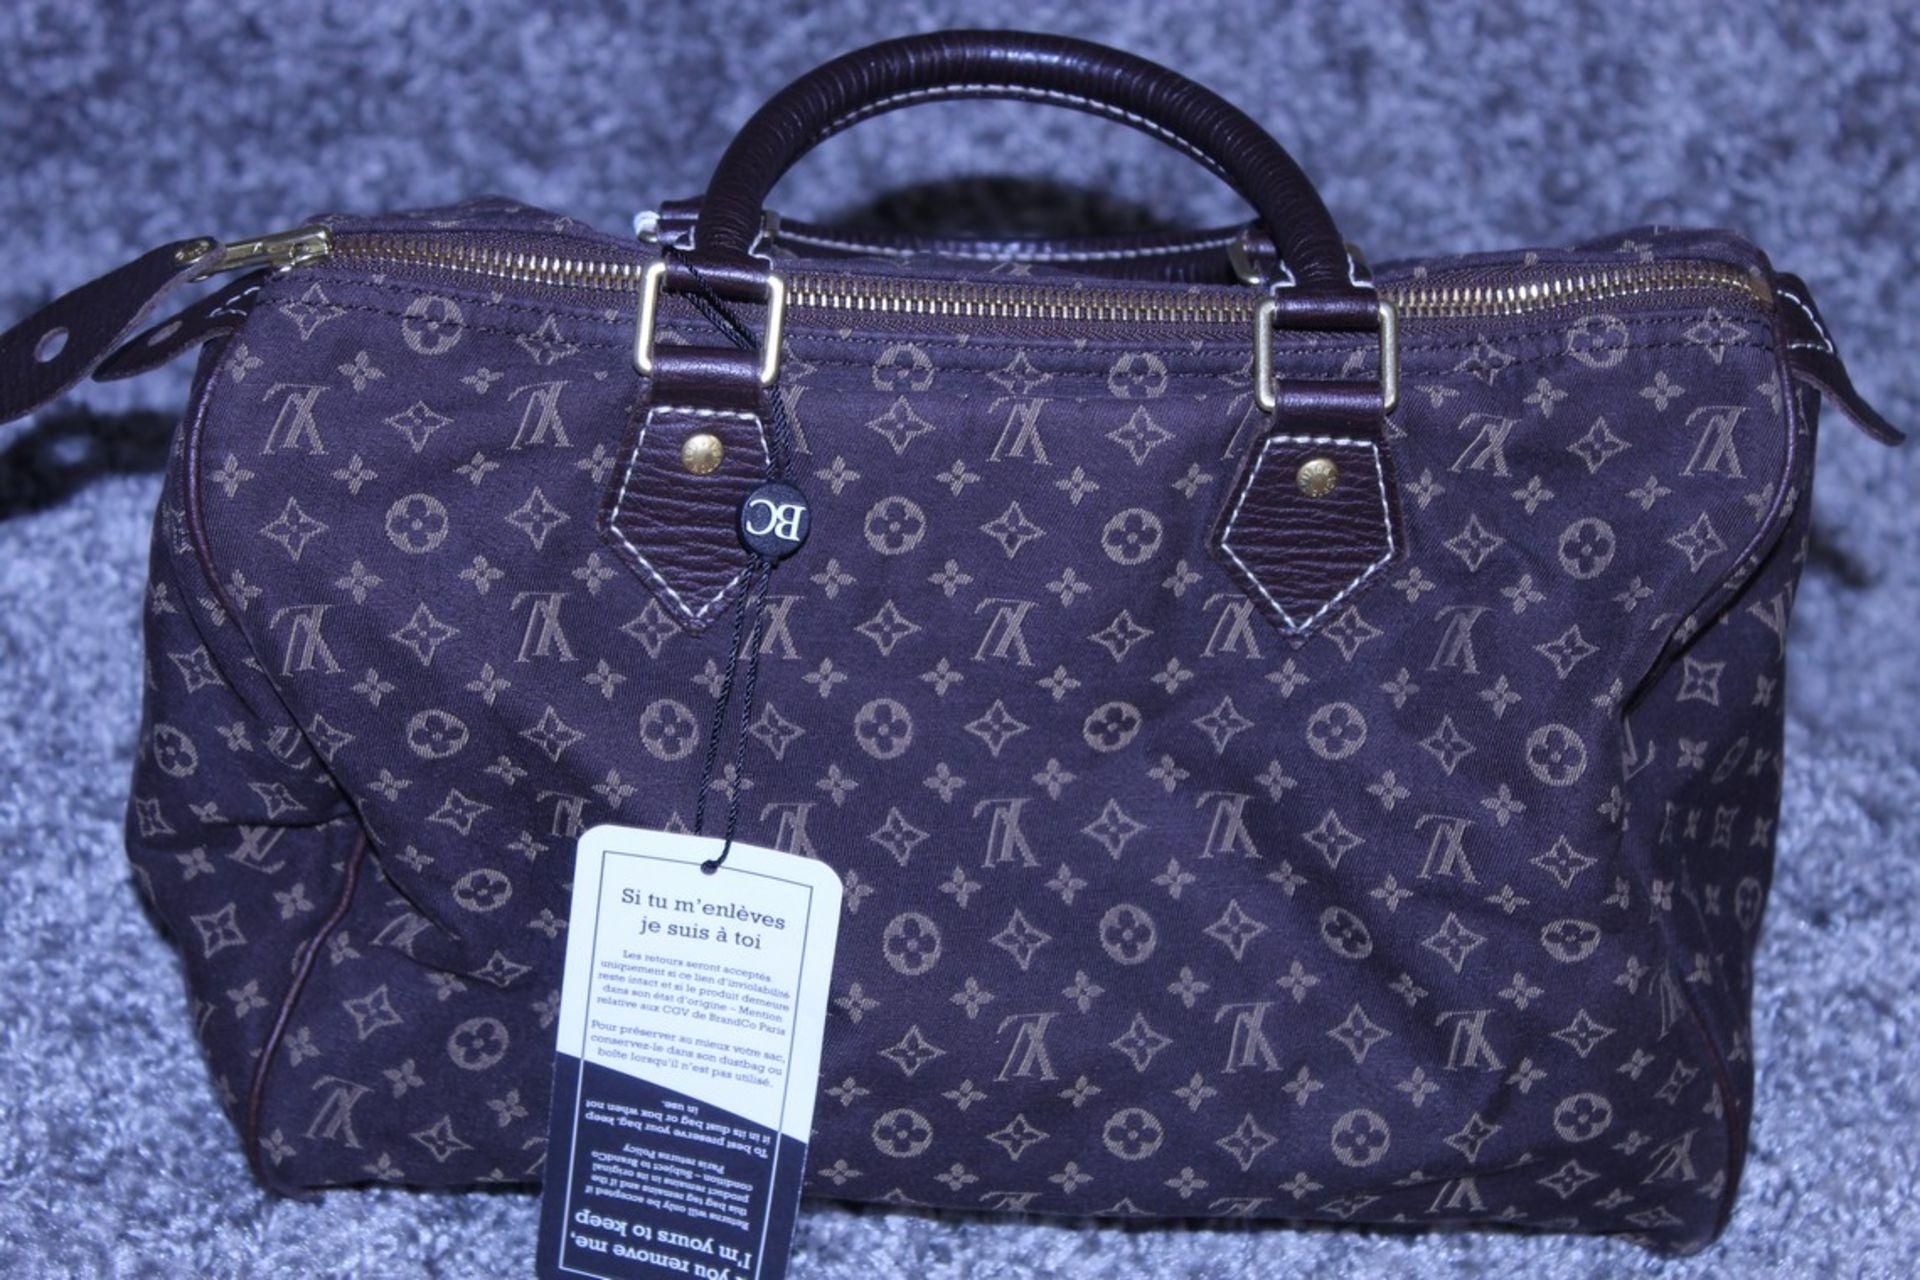 RRP £1,100 Louis Vuitton Speedy 30 Handbag, Dark Brown Canvas Monogram/Idylle Canvas, Dark Brown - Image 2 of 3